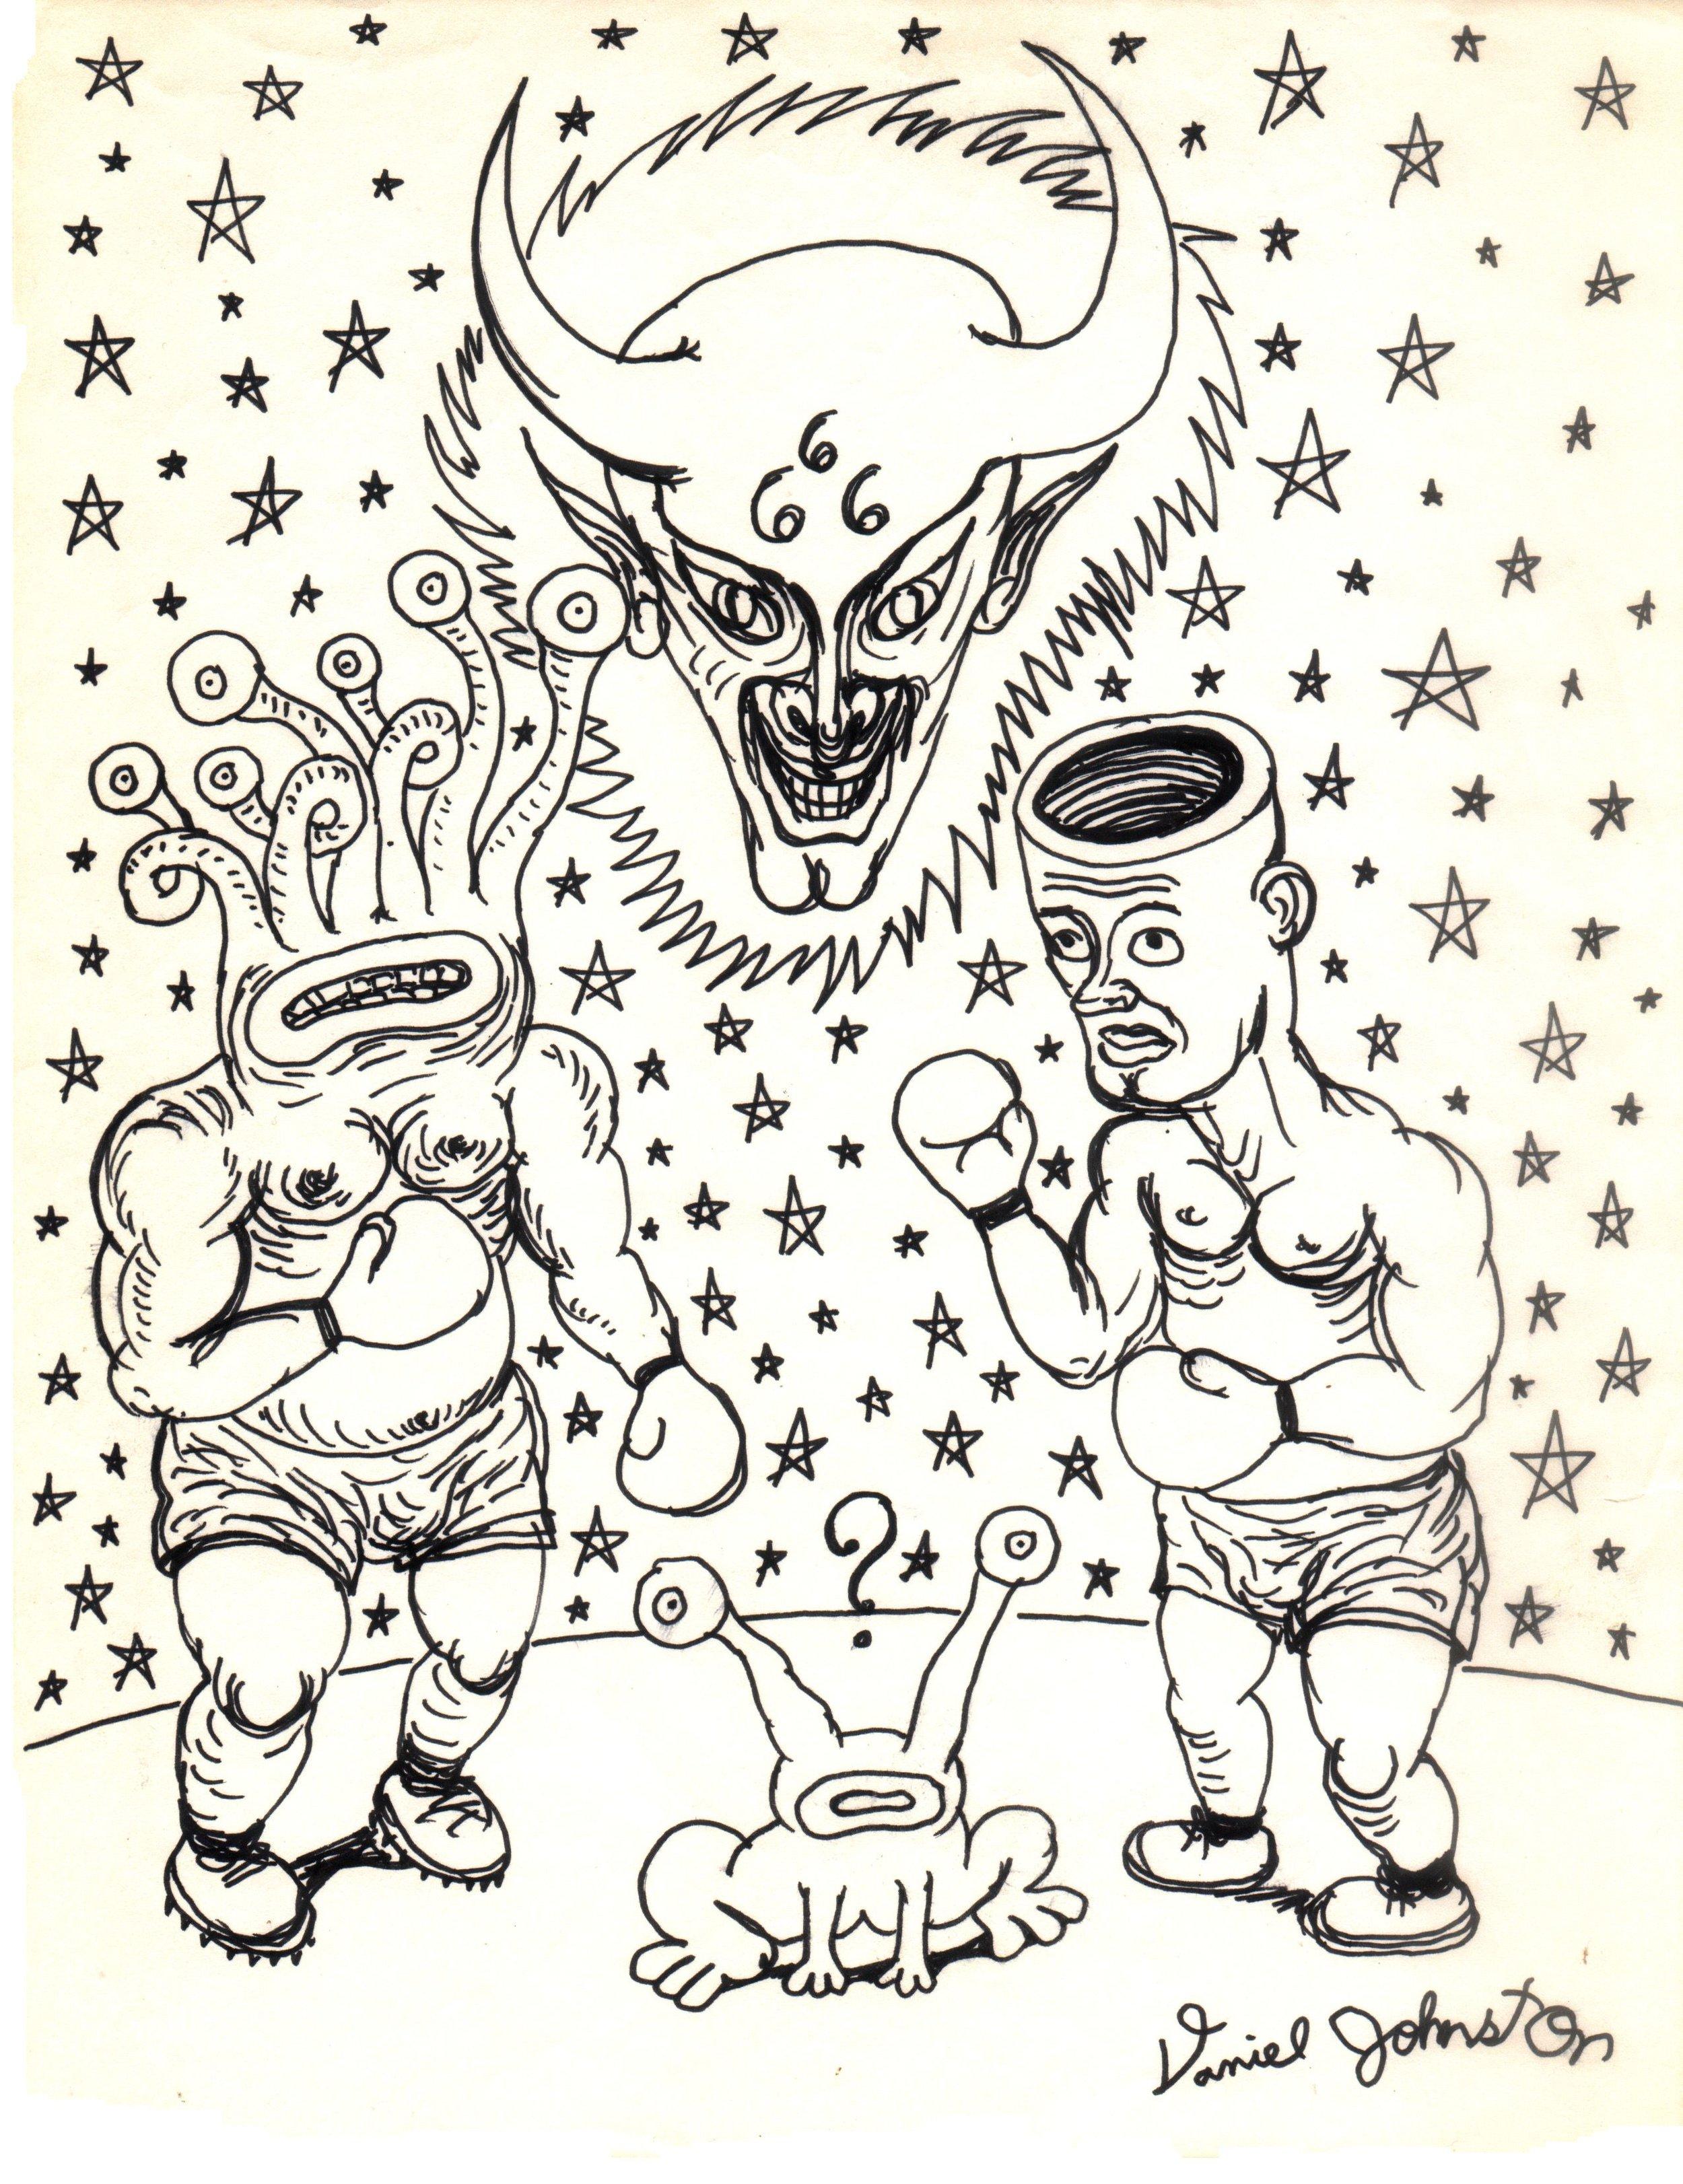 Daniel Johnston art.jpg